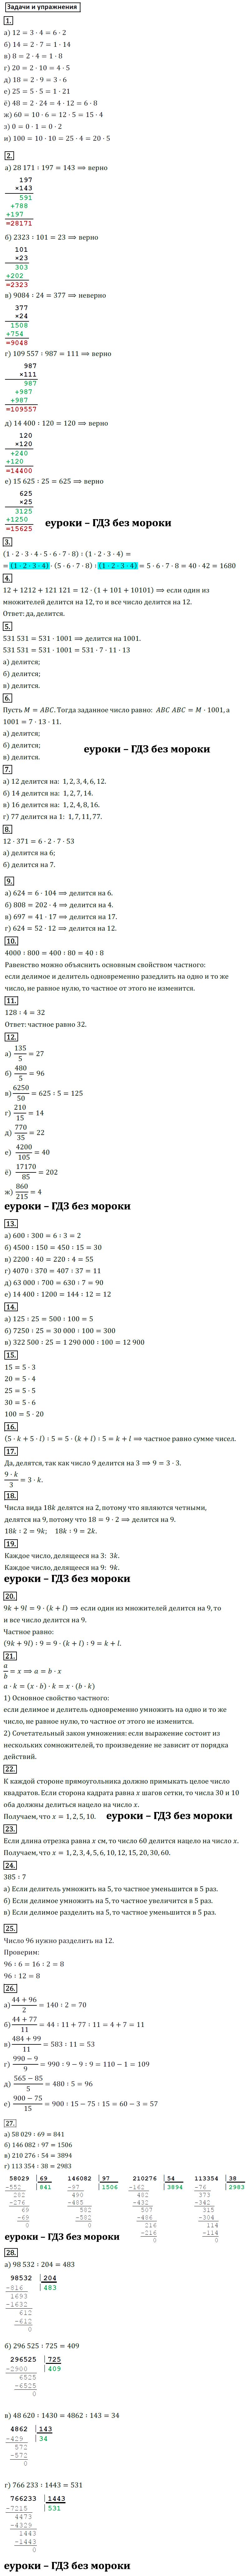 ГДЗ по математике 5 класс Козлов, Никитин Русское Слово ответы и решения онлайн Глава 9. Деление натуральных чисел, §1. Задание: Задачи и упражнения